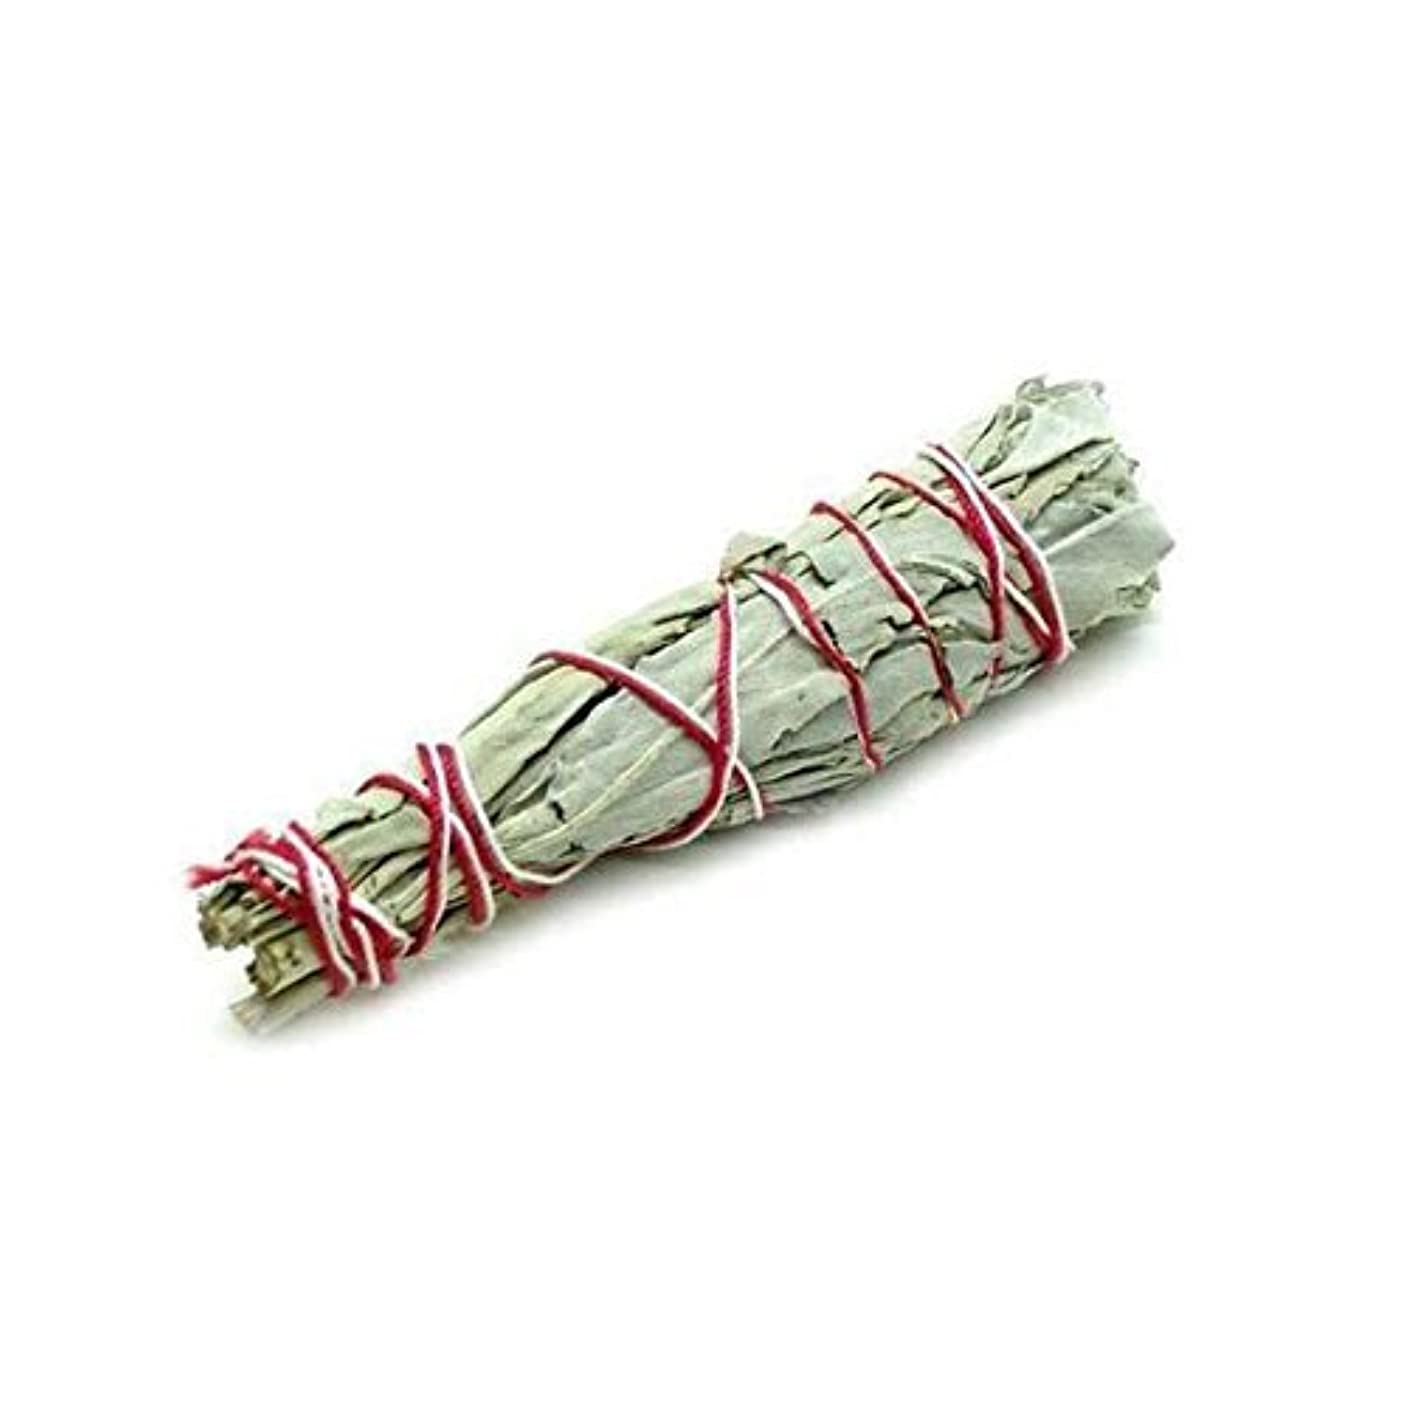 頭蓋骨無限適応的セージバンドル – ホワイトセージSmudge Stick使用のクレンジングとPurifyingエネルギー、瞑想、自然として、消臭 – 6 Inches Long